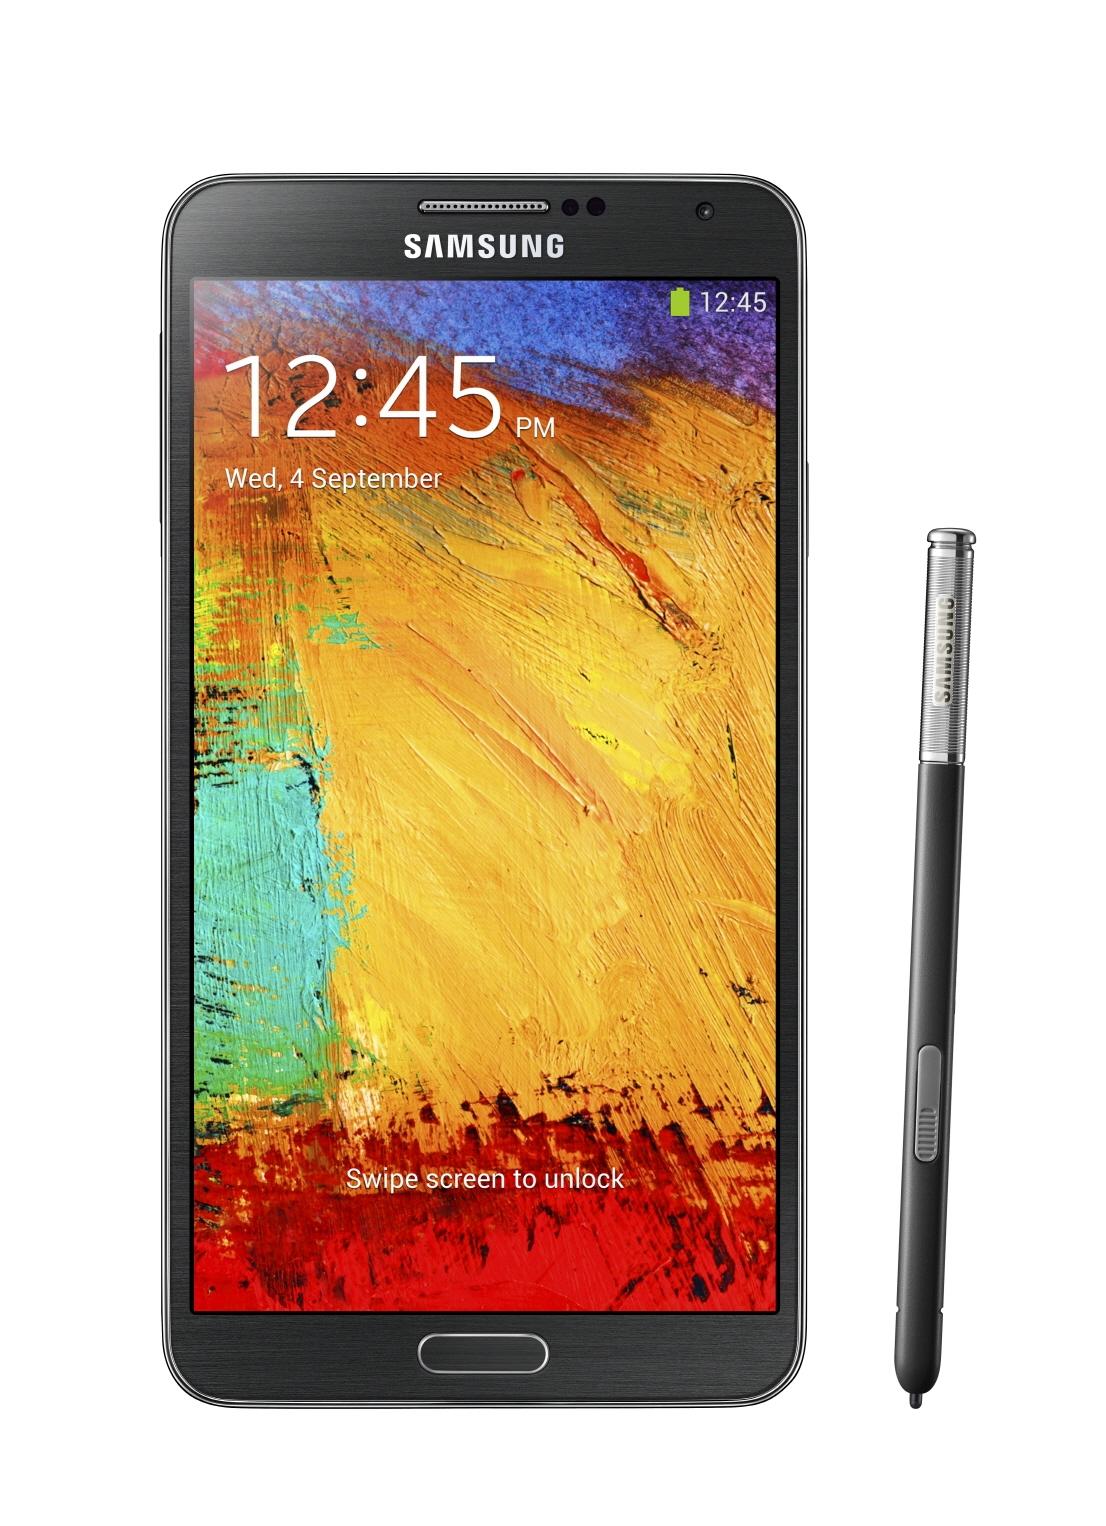 Внешний вид Samsung Galaxy Note III - черный